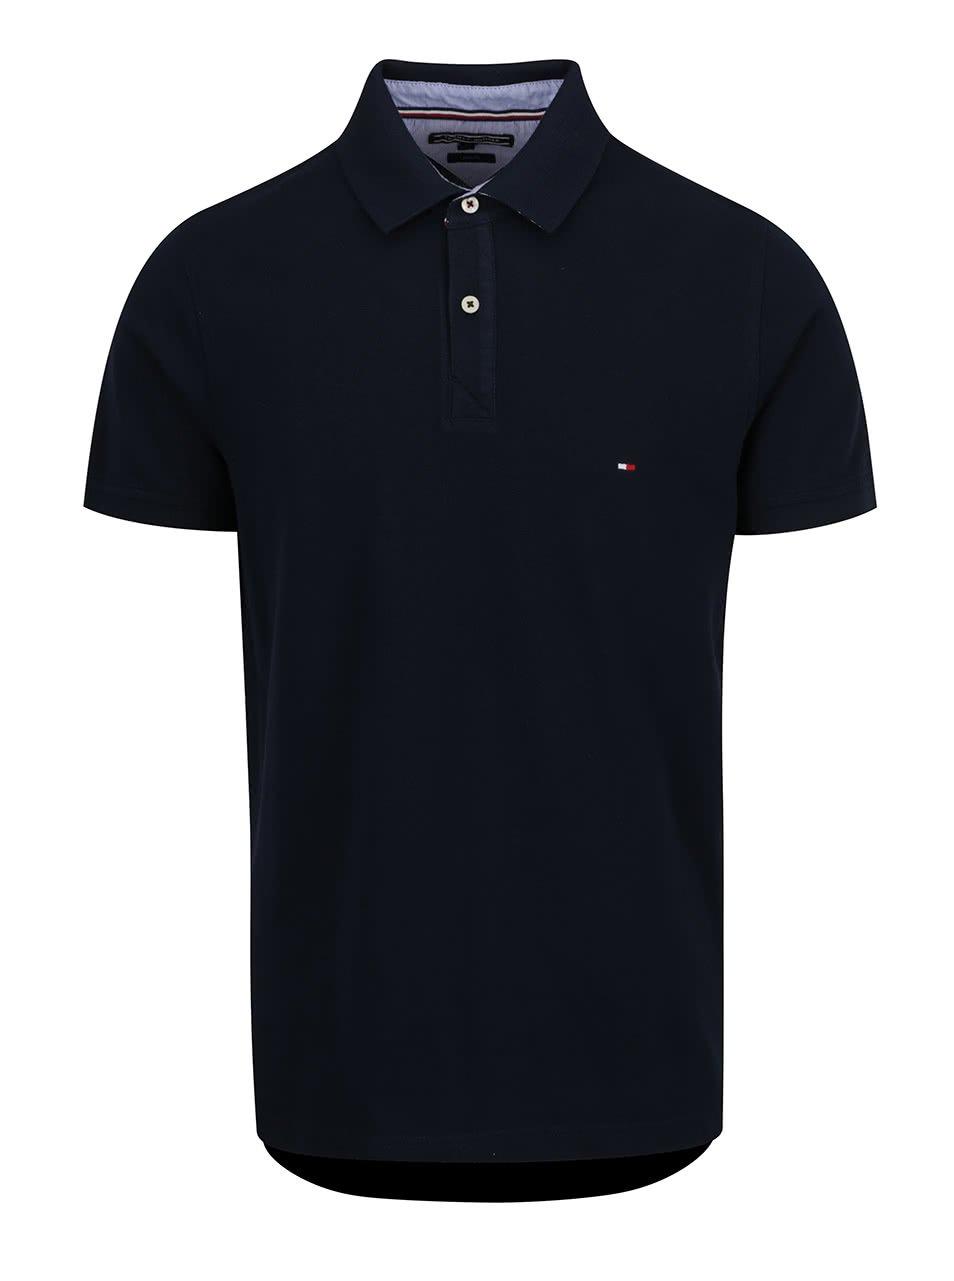 Tmavě modré pánské polo triko Tommy Hilfiger